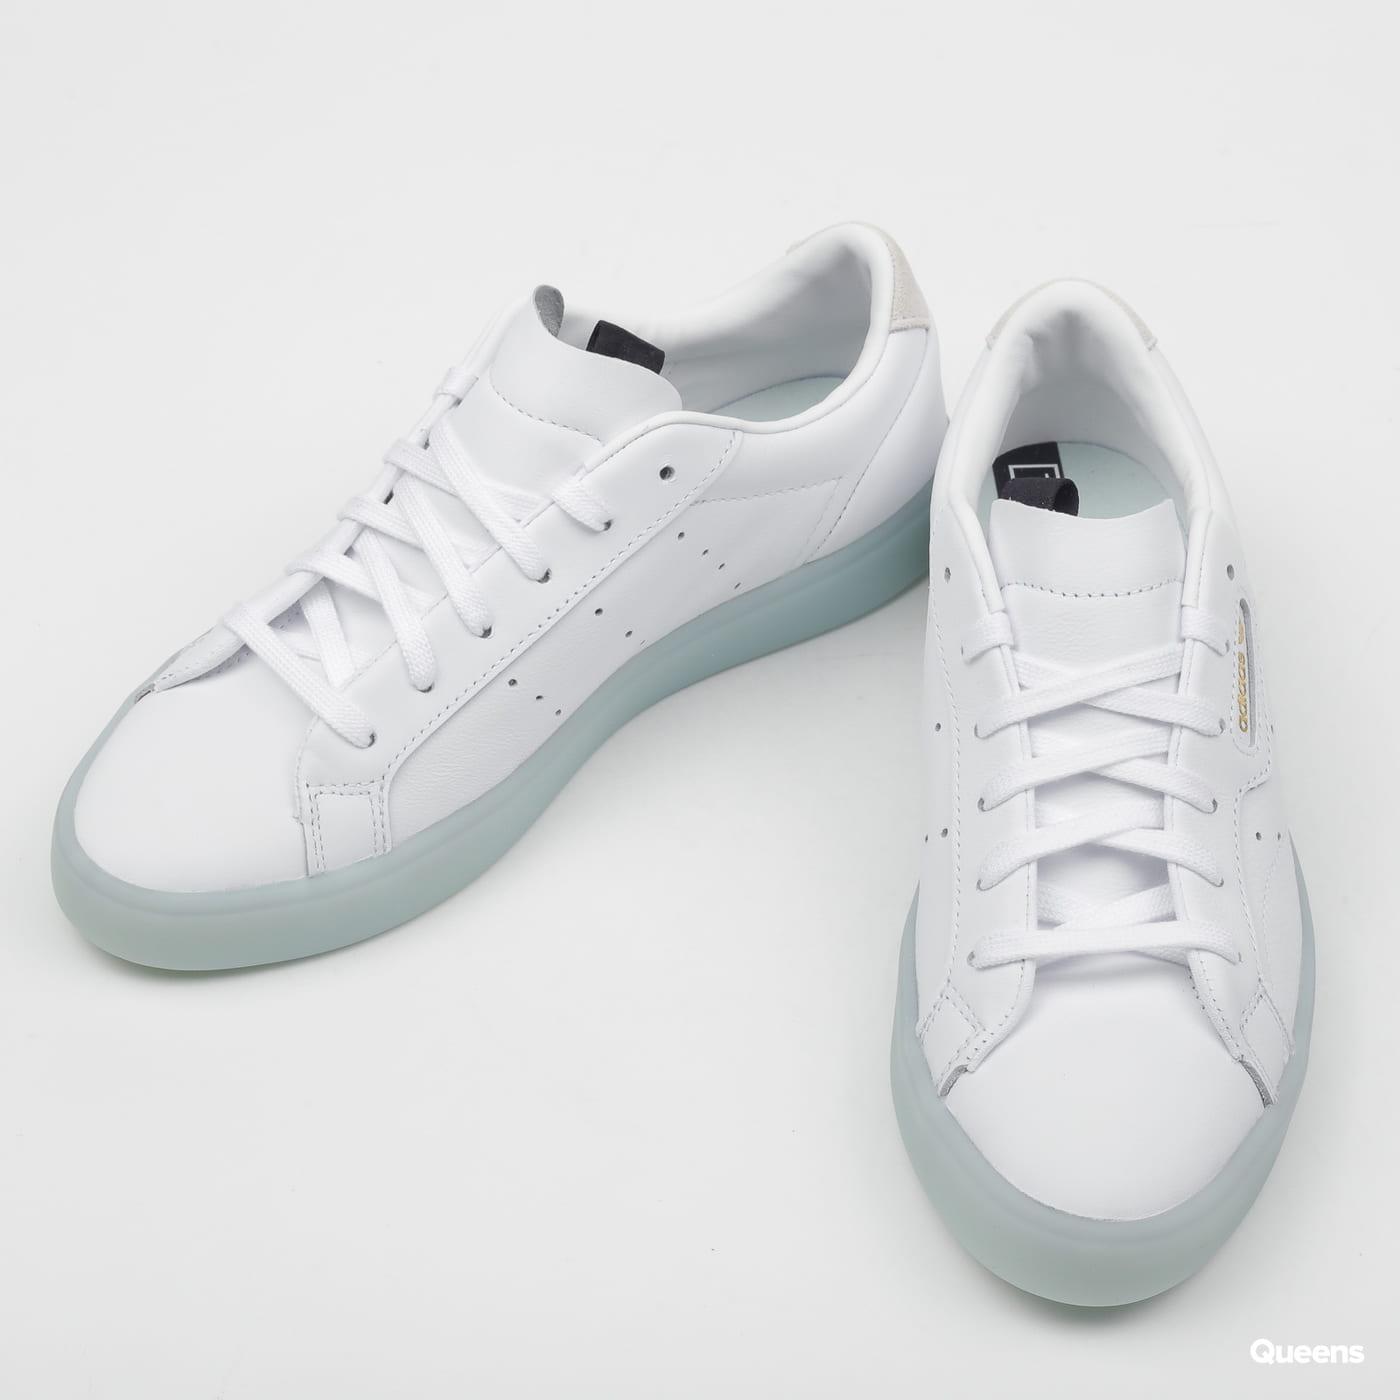 97cfc610 adidas Originals Sleek W ftwwht / ftwwht / icemin (G27342) – Queens 💚